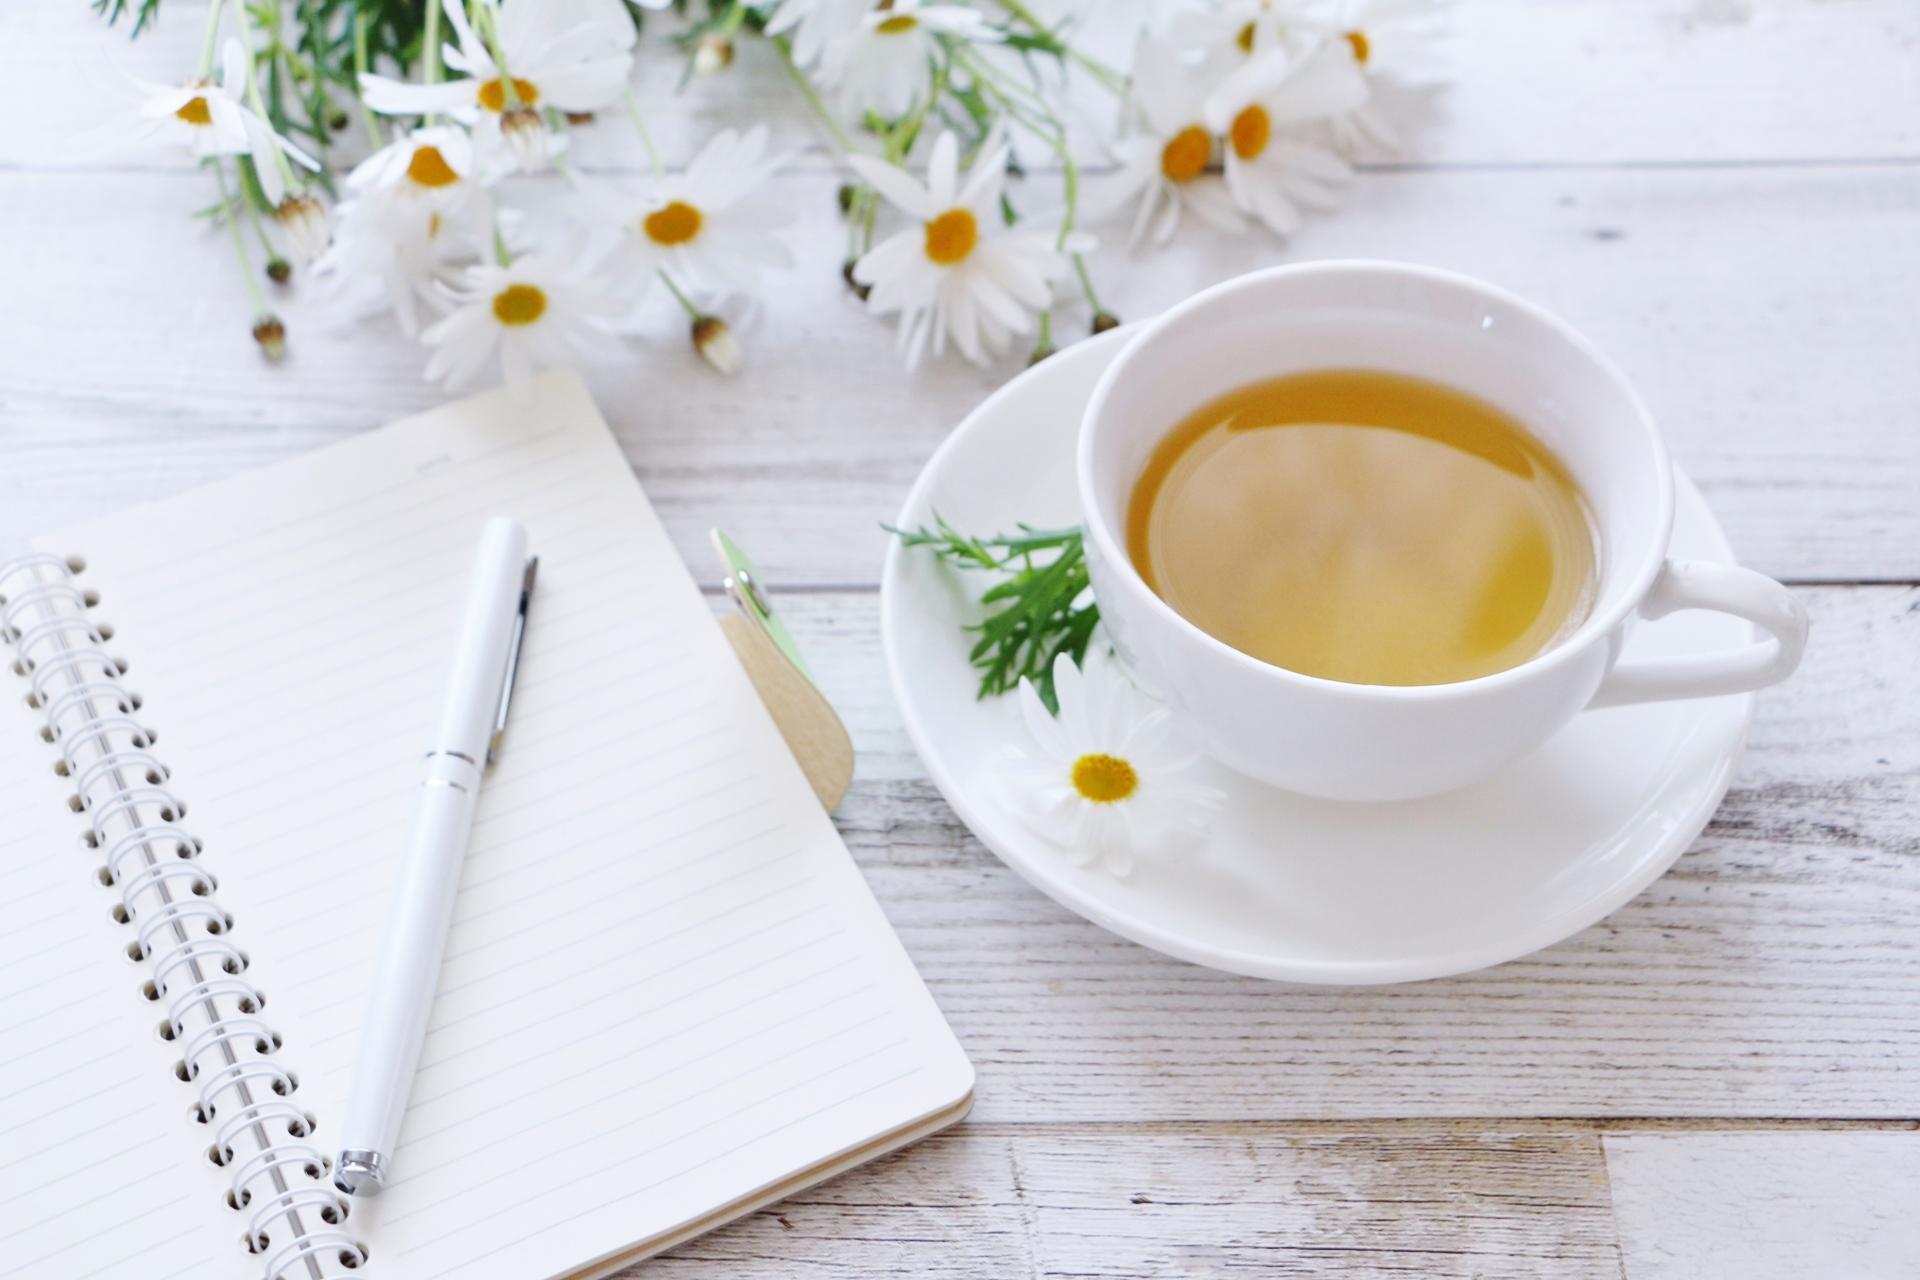 ノートと花とお茶